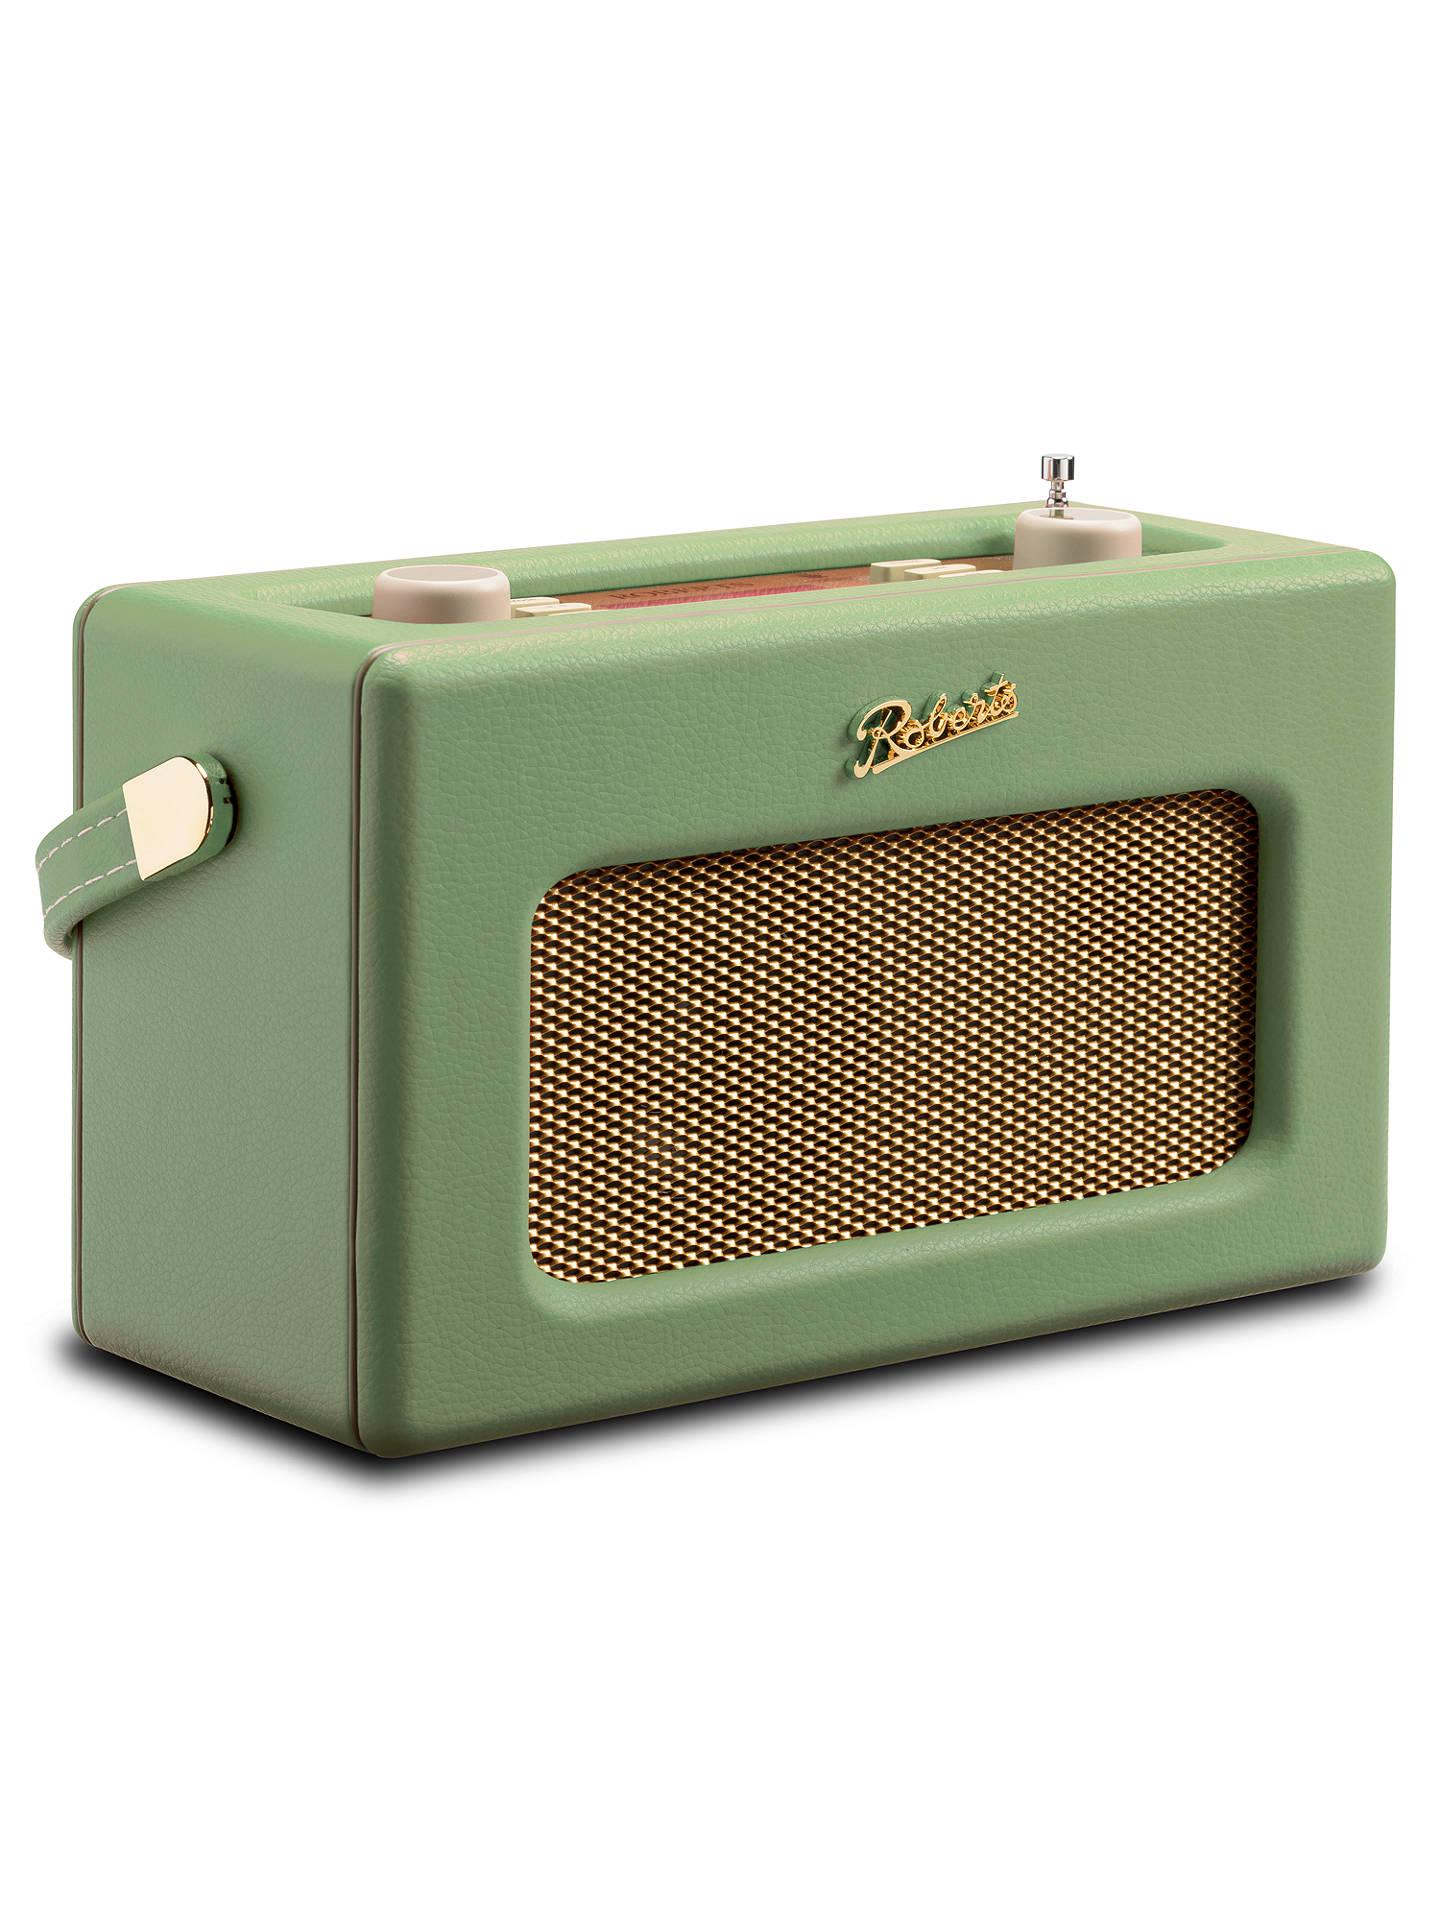 ROBERTS Revival RD70 DAB/DAB+/FM Bluetooth Digital Radio ...